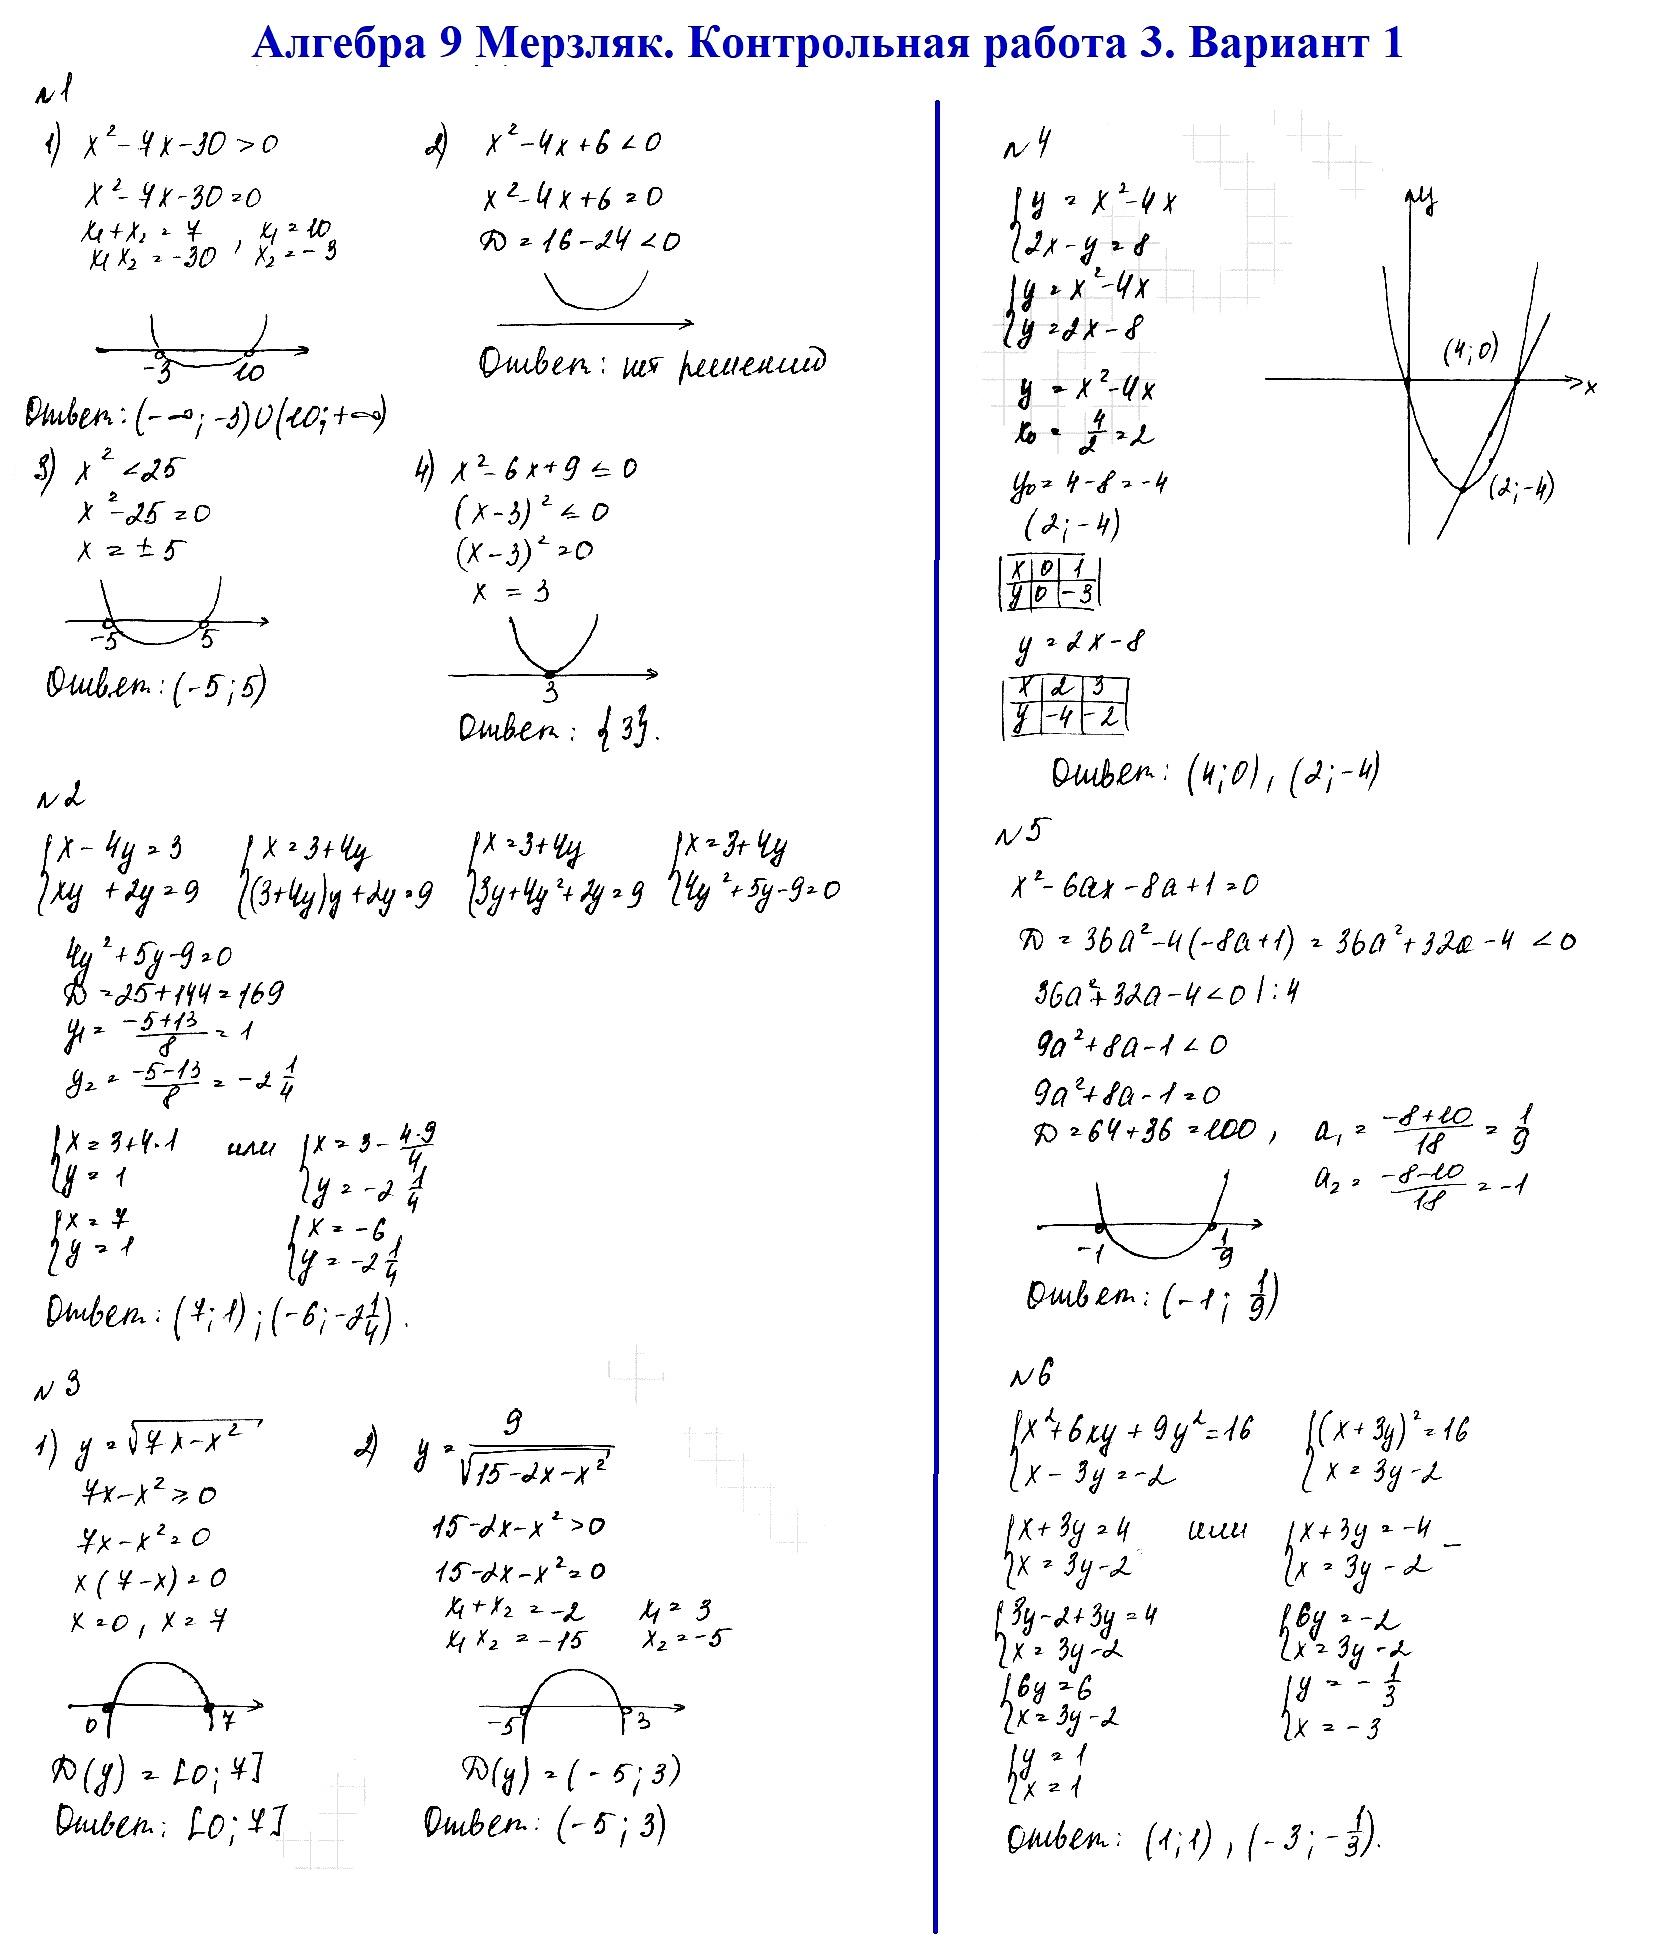 Алгебра 9 Мерзляк. Ответы на контрольную 3 в1